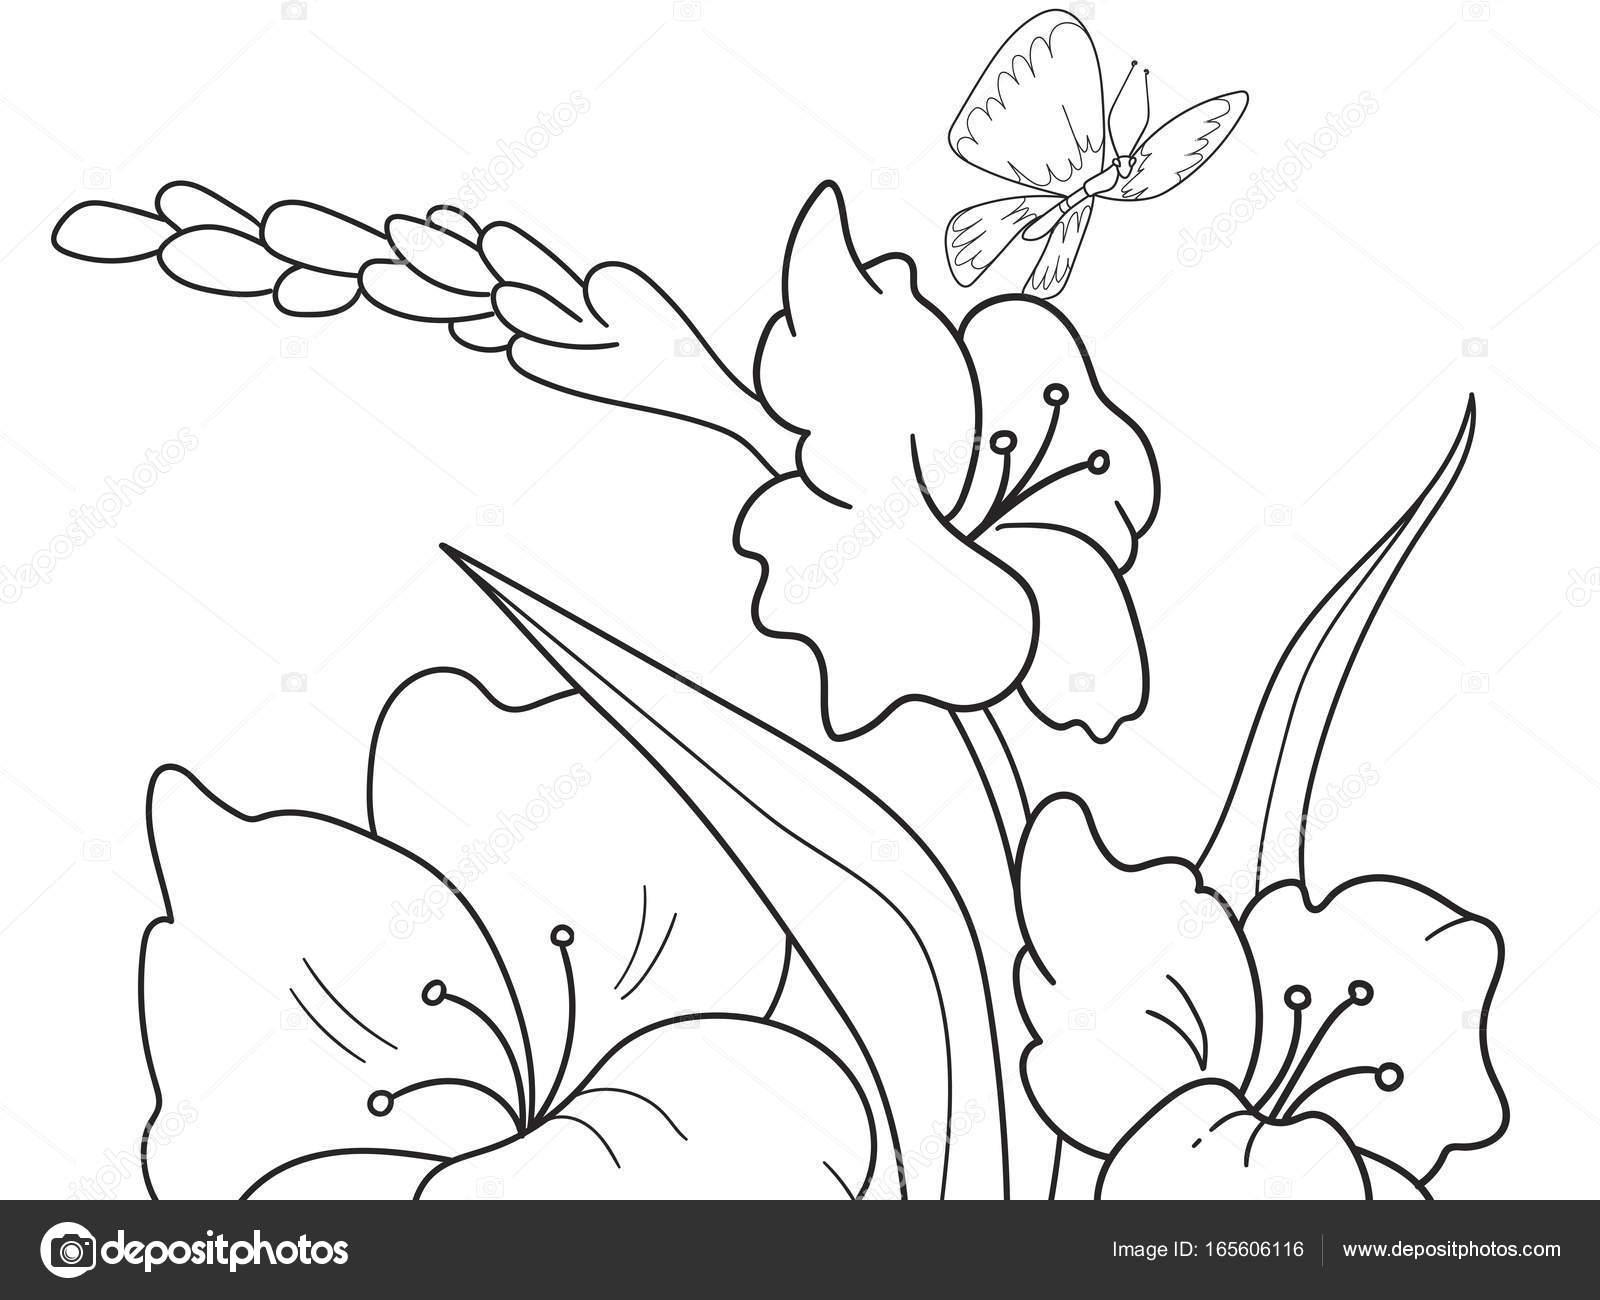 Kleurplaten Natuur Bloemen.Childrens Kleurplaat Cartoon Glade Met Bloemen In De Natuur